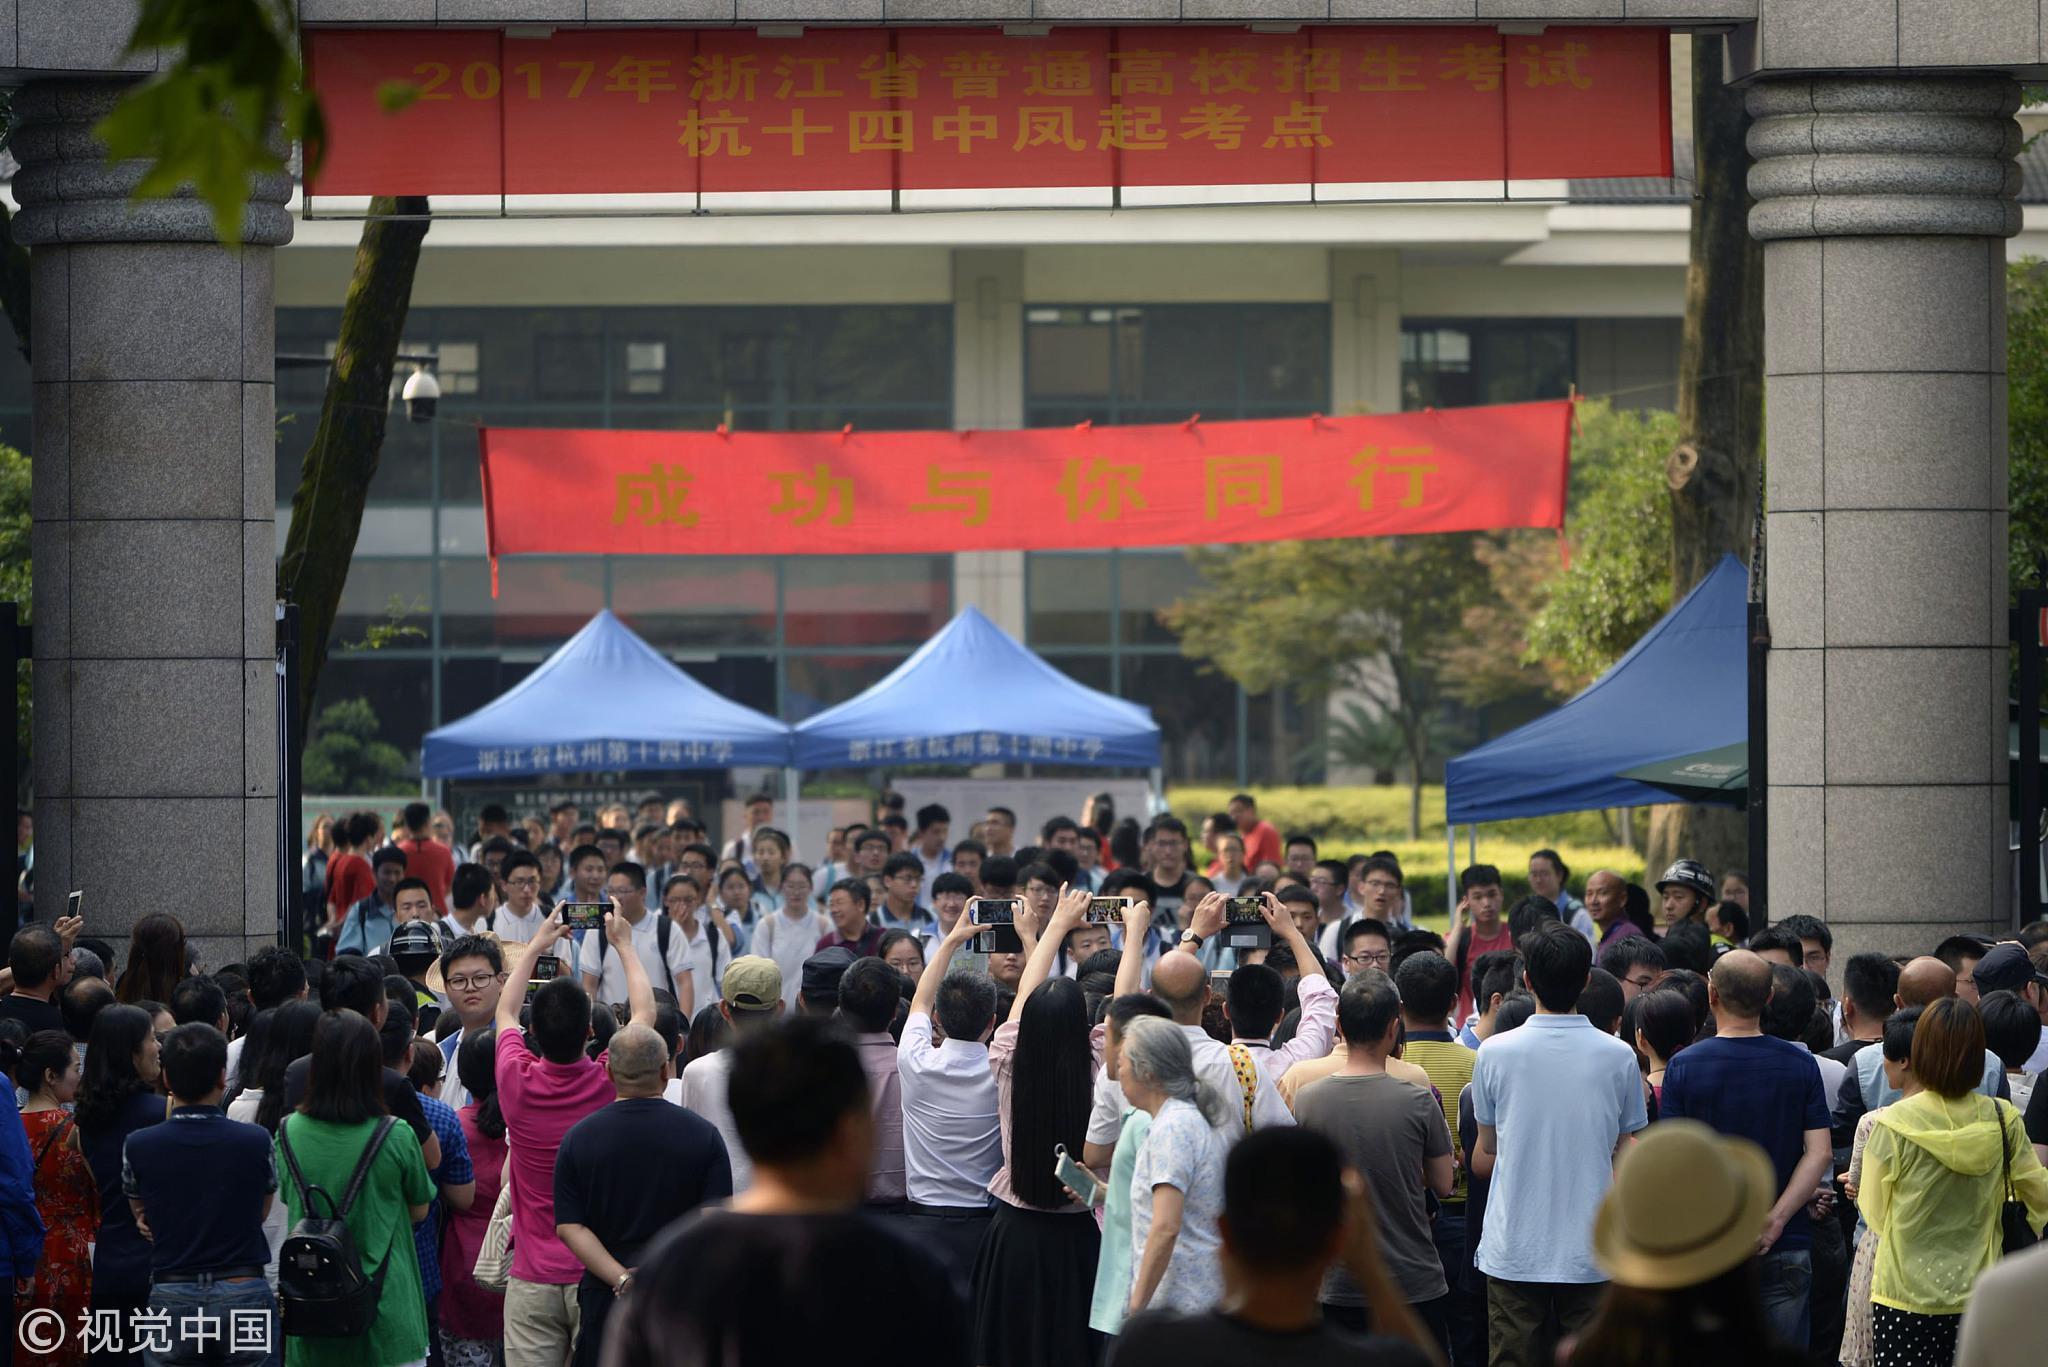 2017年6月7日,高考首日考试结束,杭州第十四中学考点外,等候在考场外的家长用手机记录考生走出考场的一刻 / 视觉中国